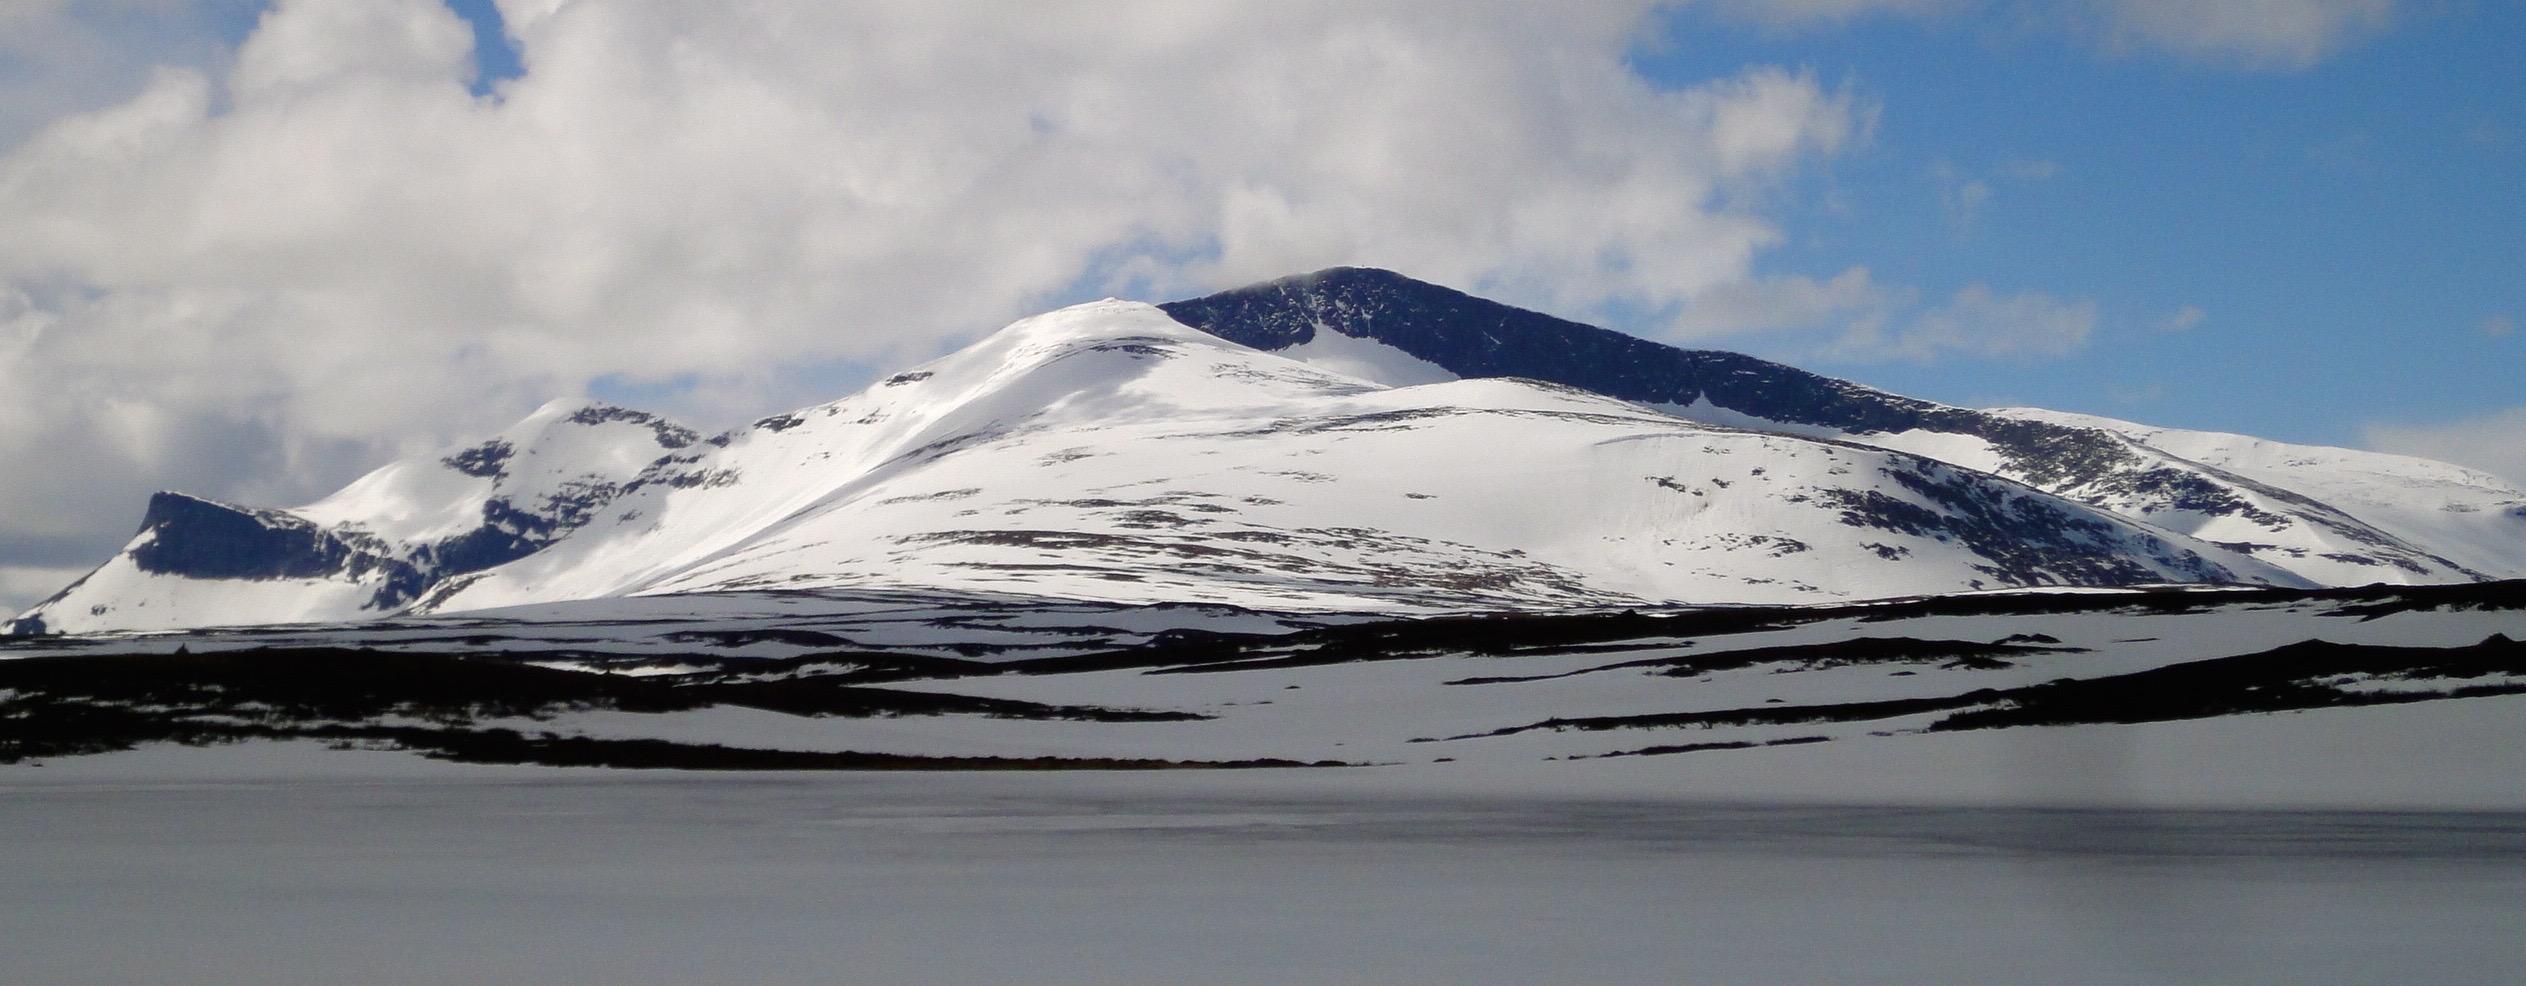 Jämtlands läns tillika Härjedalens högsta topp 1796m. Sveriges högsta topp söder om Polcirkeln (Tarrekaise/Sarek). Foto: Mattias Skantz